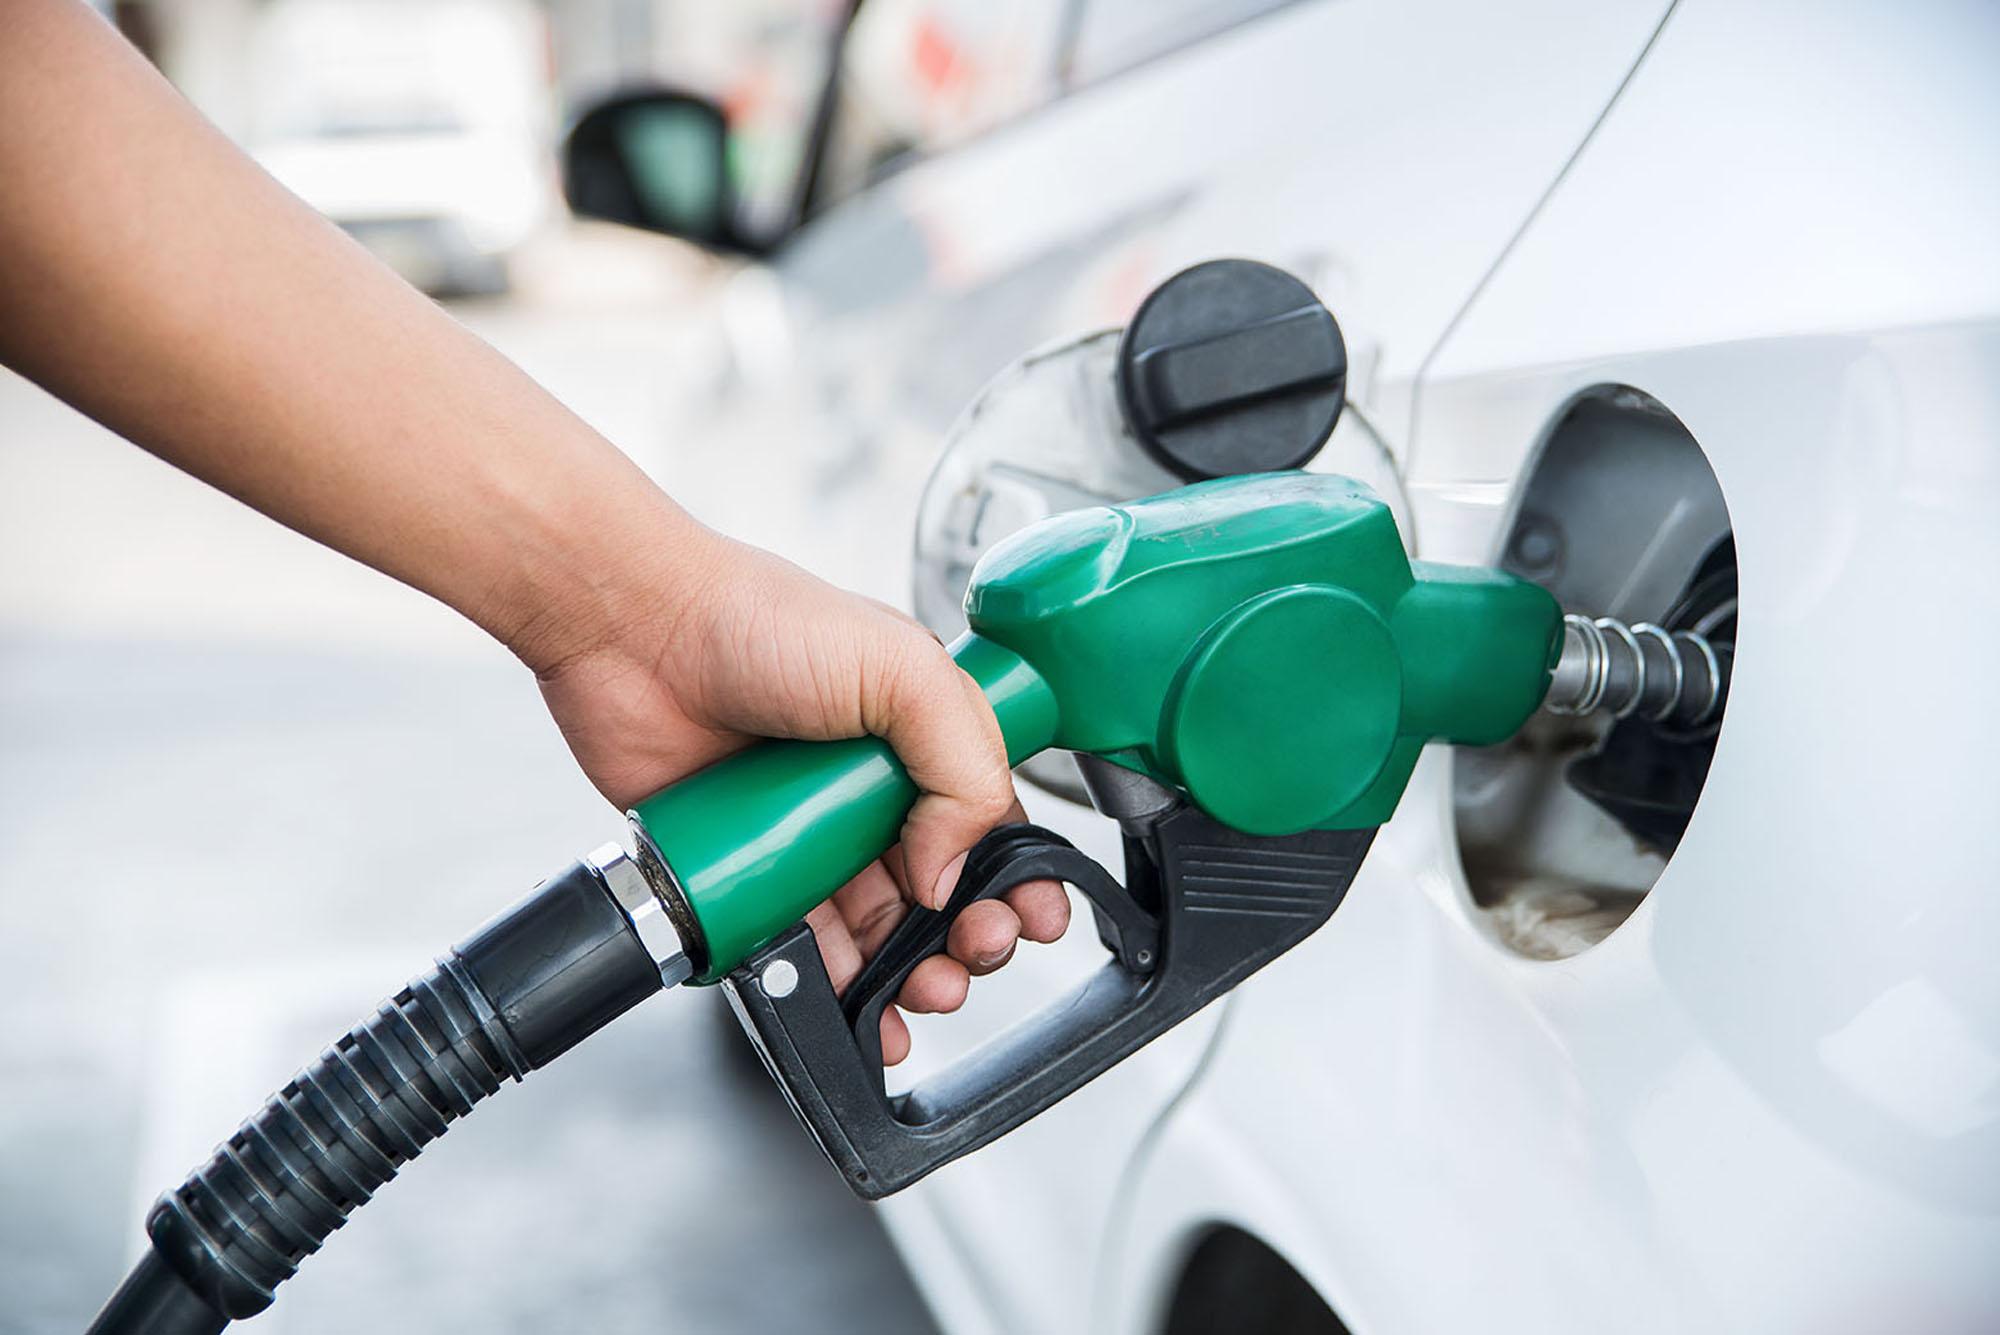 Handle fuel nozzle